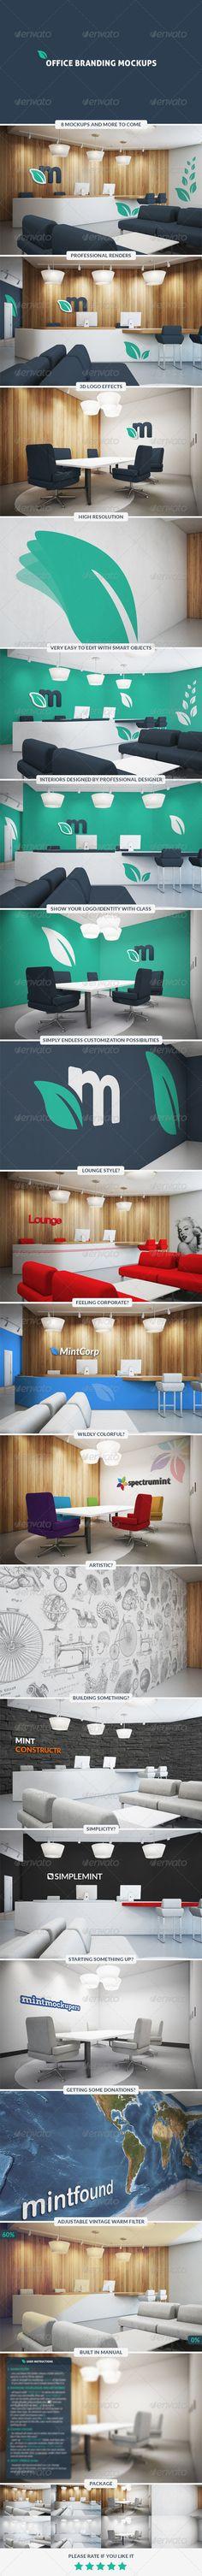 Office Branding Mockups Download here: https://graphicriver.net/item/office-branding-mockups/7800737?ref=KlitVogli